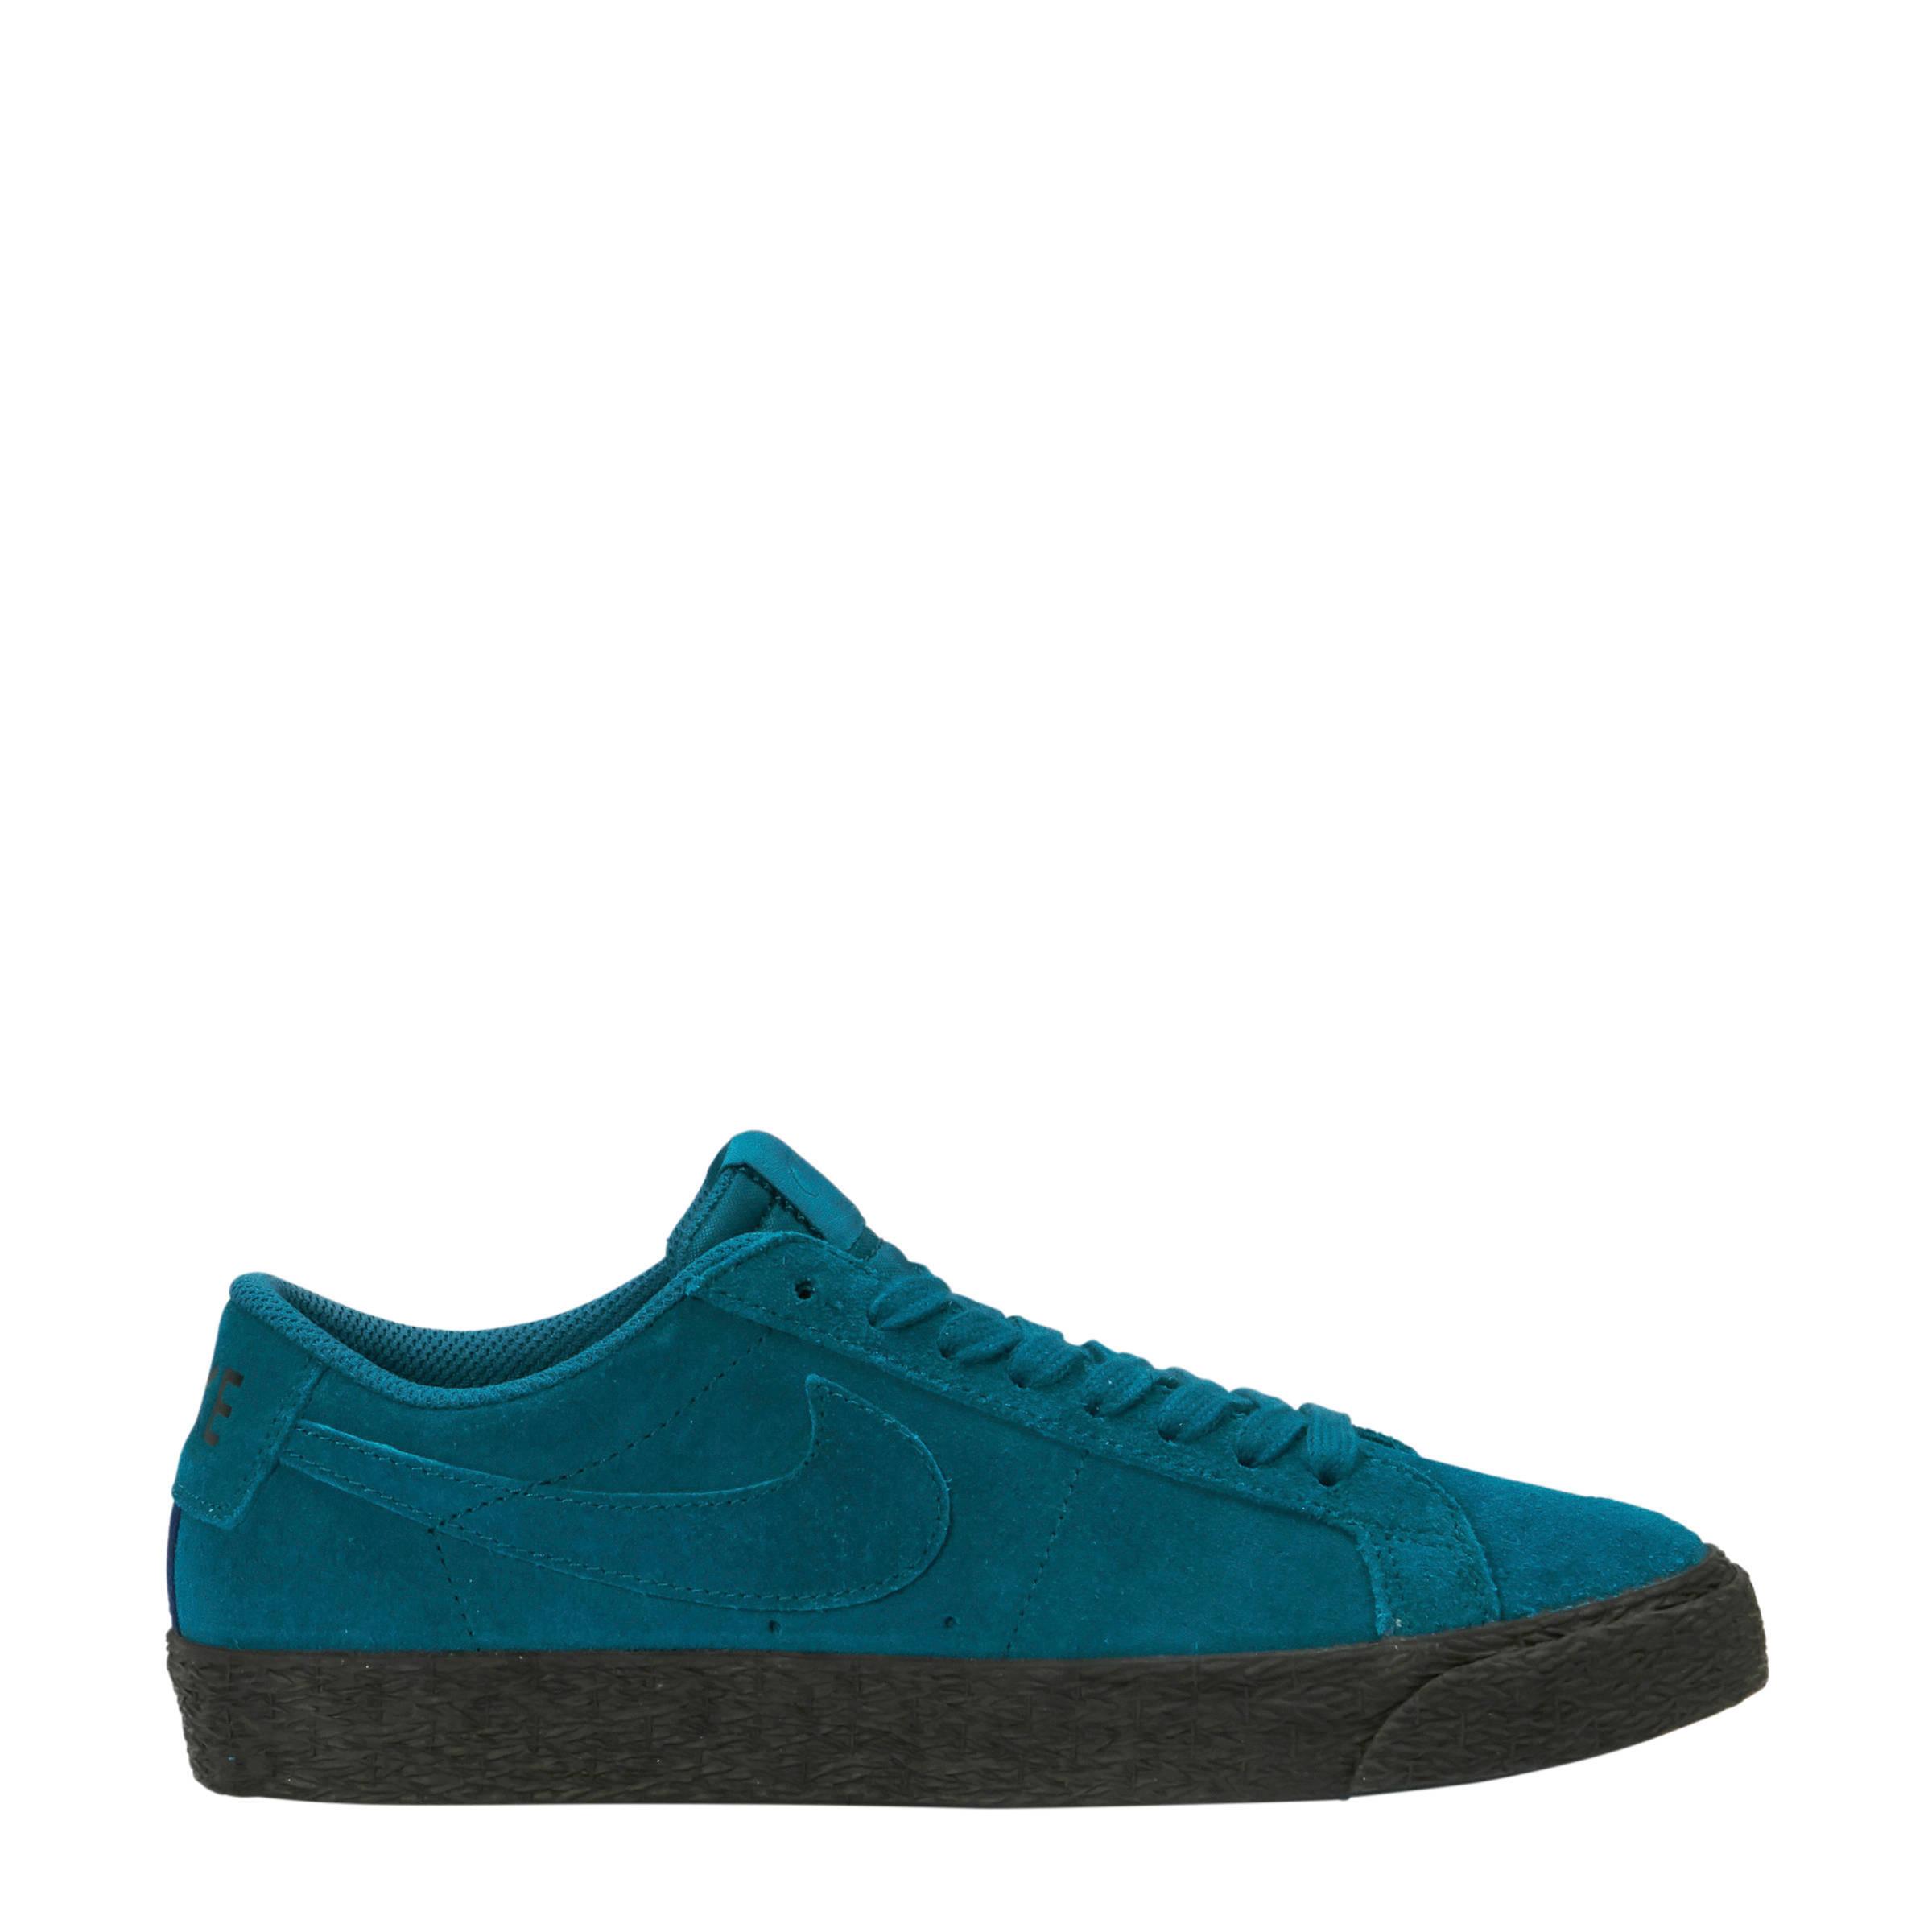 5161d57a898ae7 nike-sb-zoom-blazer-low-suede-sneakers-petrol-petrol-0884776610492.jpg